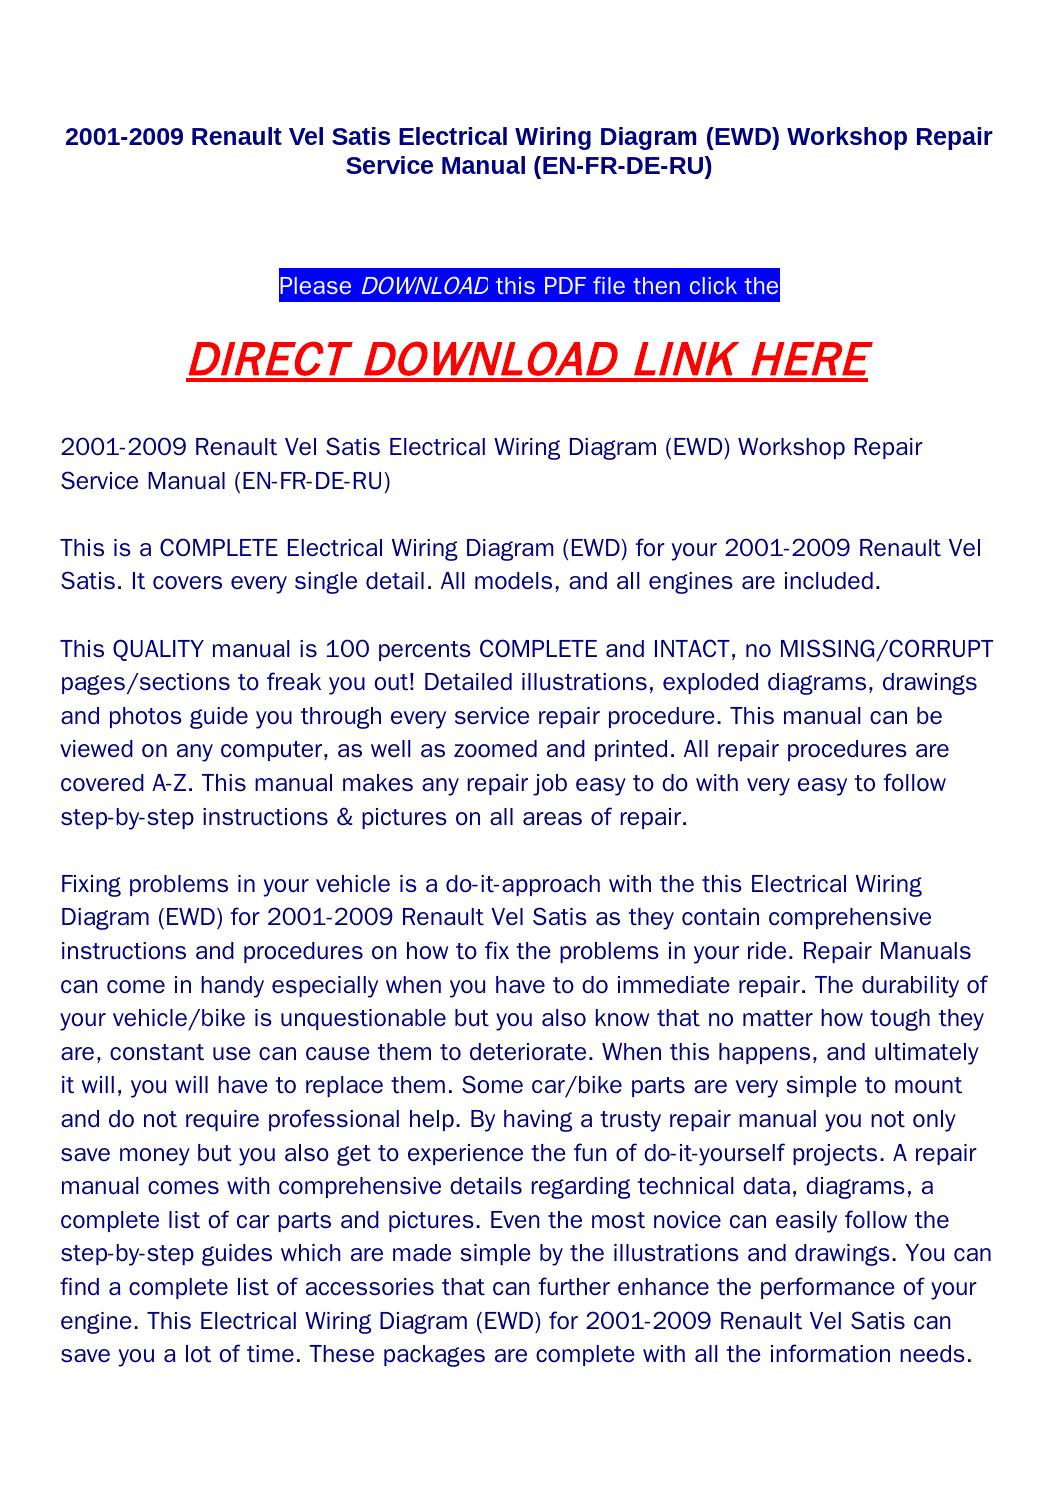 hight resolution of 2001 2009 renault vel satis electrical wiring diagram ewd workshop repair service manual en fr de by huou issuu